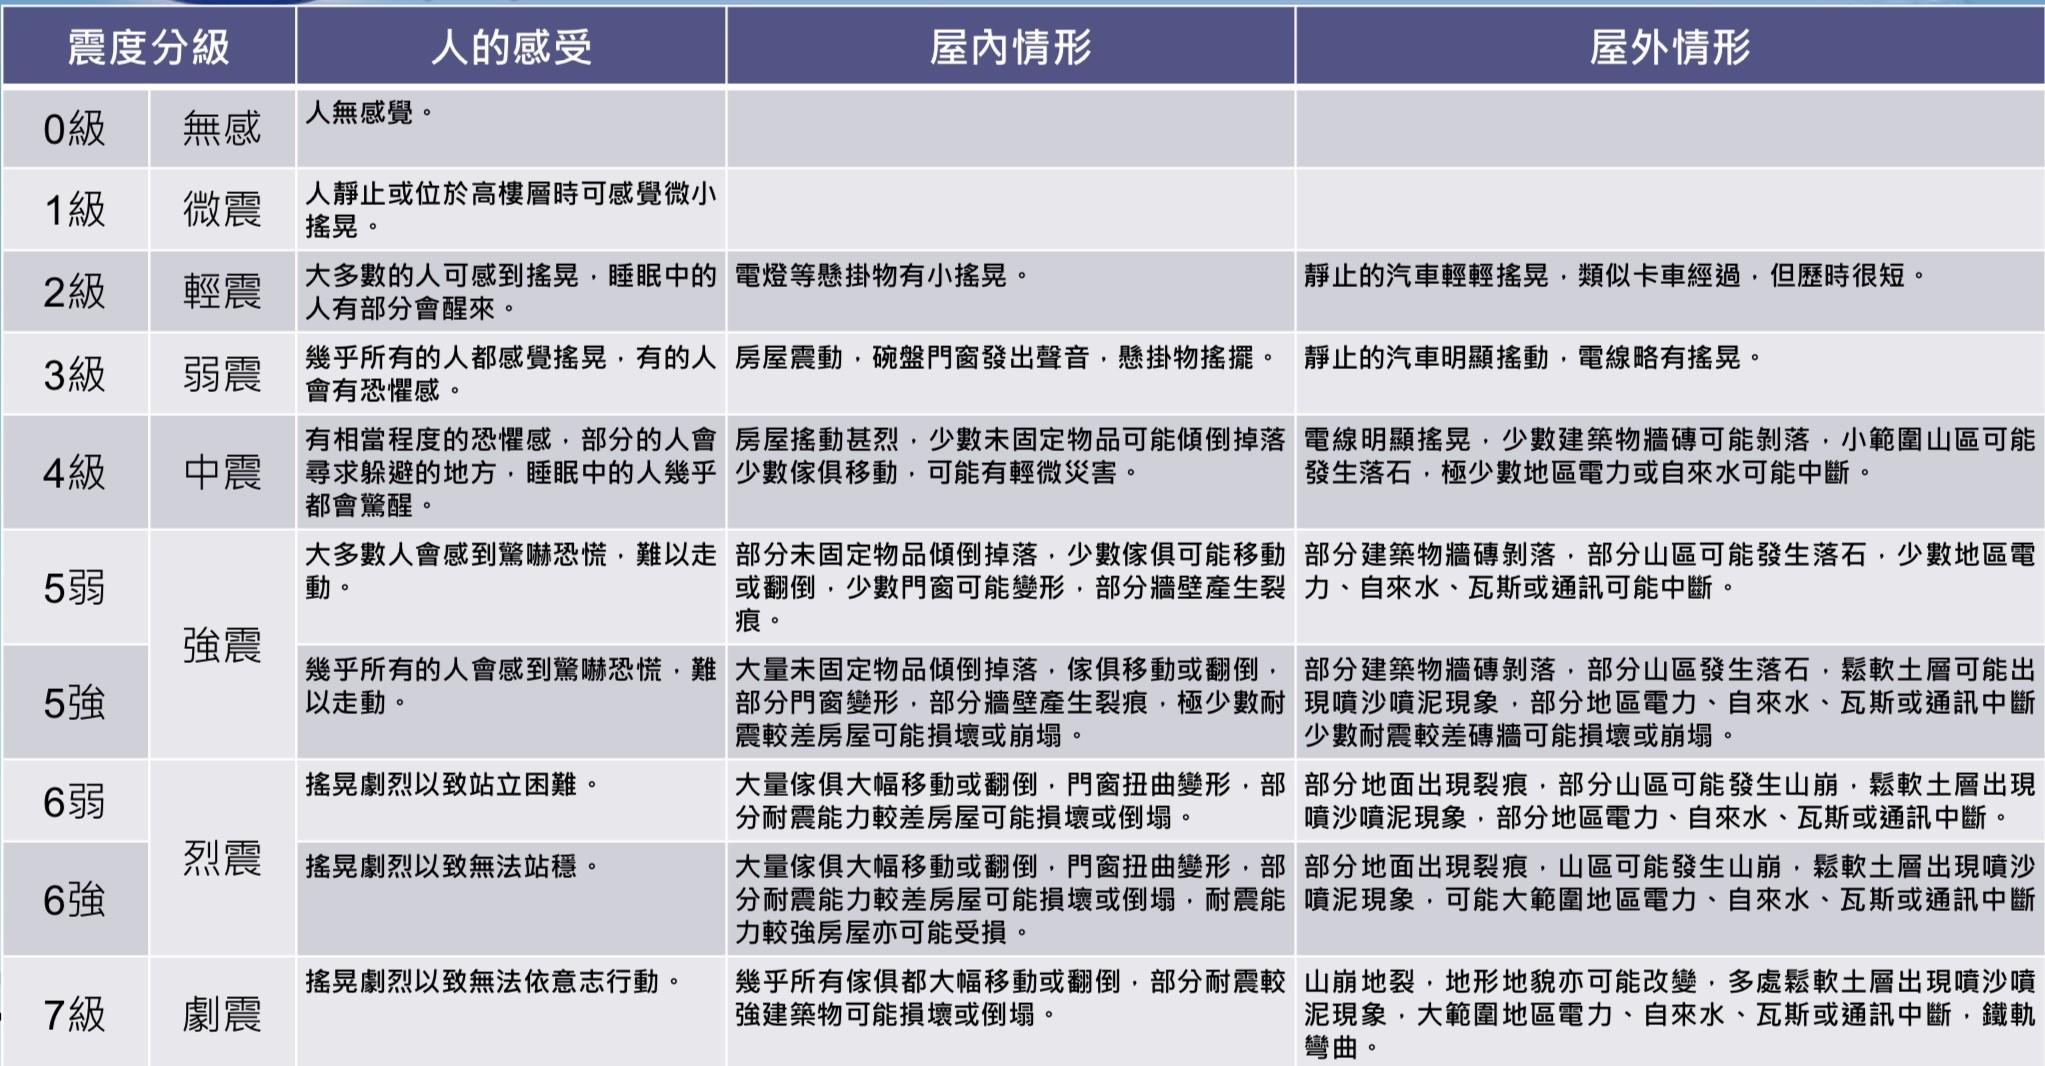 強 震度 六 新潟県村上市で震度6強、「ひずみ集中帯」で発生した山形県沖地震